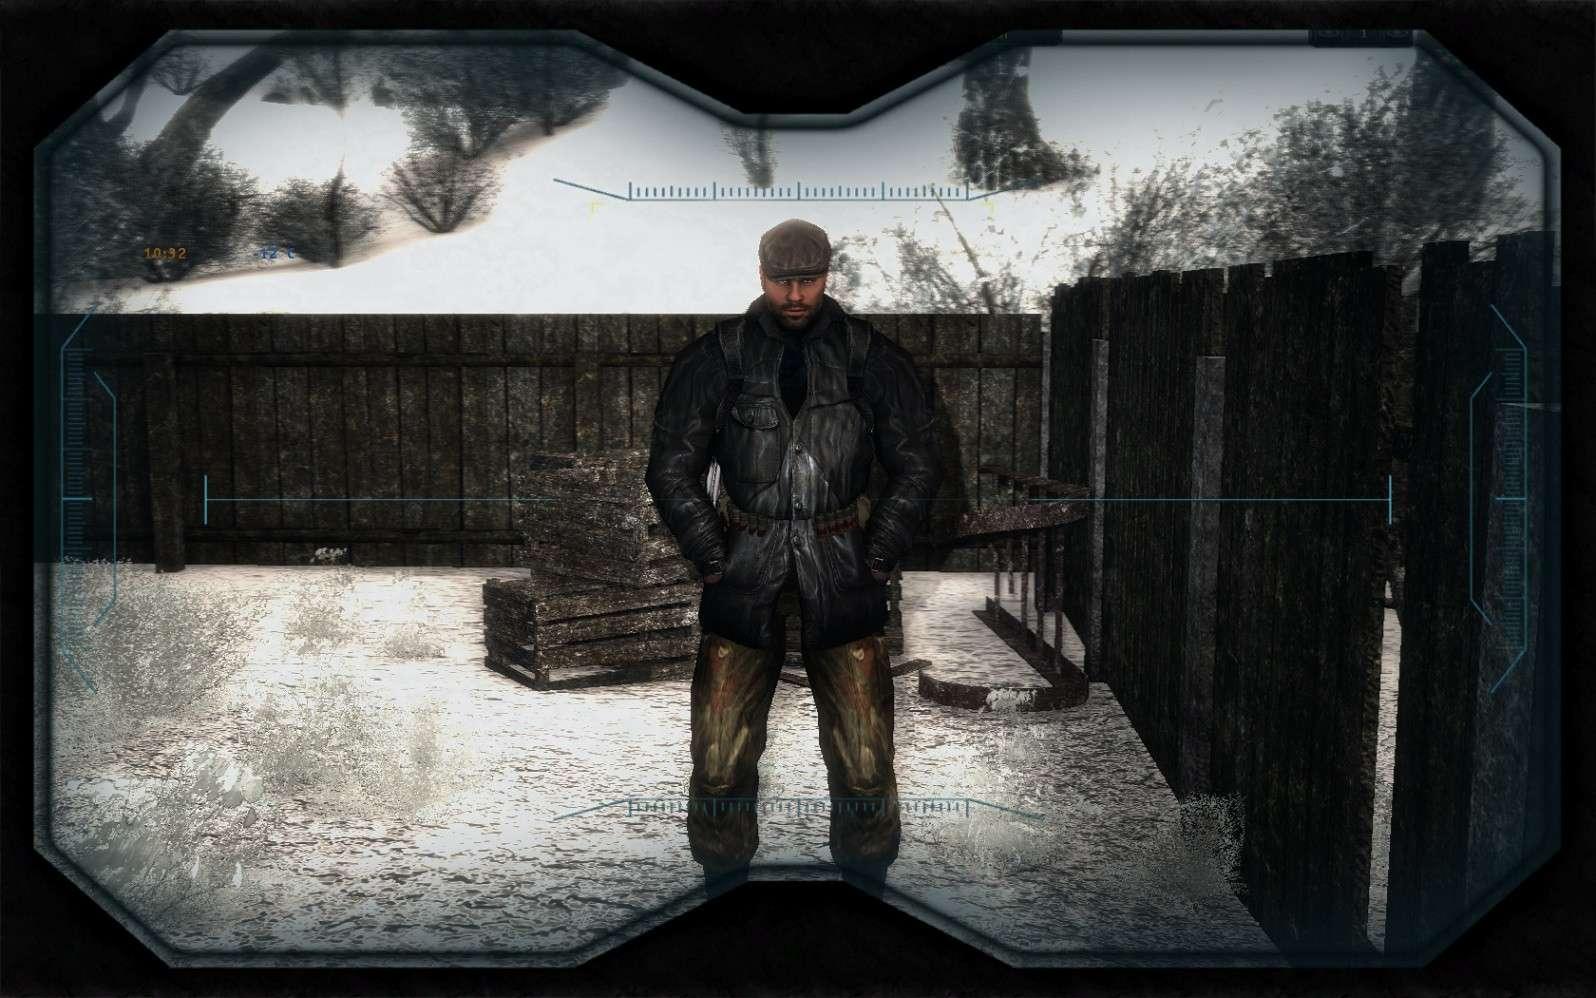 Nature Winter v2.3 Black Edition Deluxe Eng v1.01 Official Release 01\03\2014 Xr_3da35